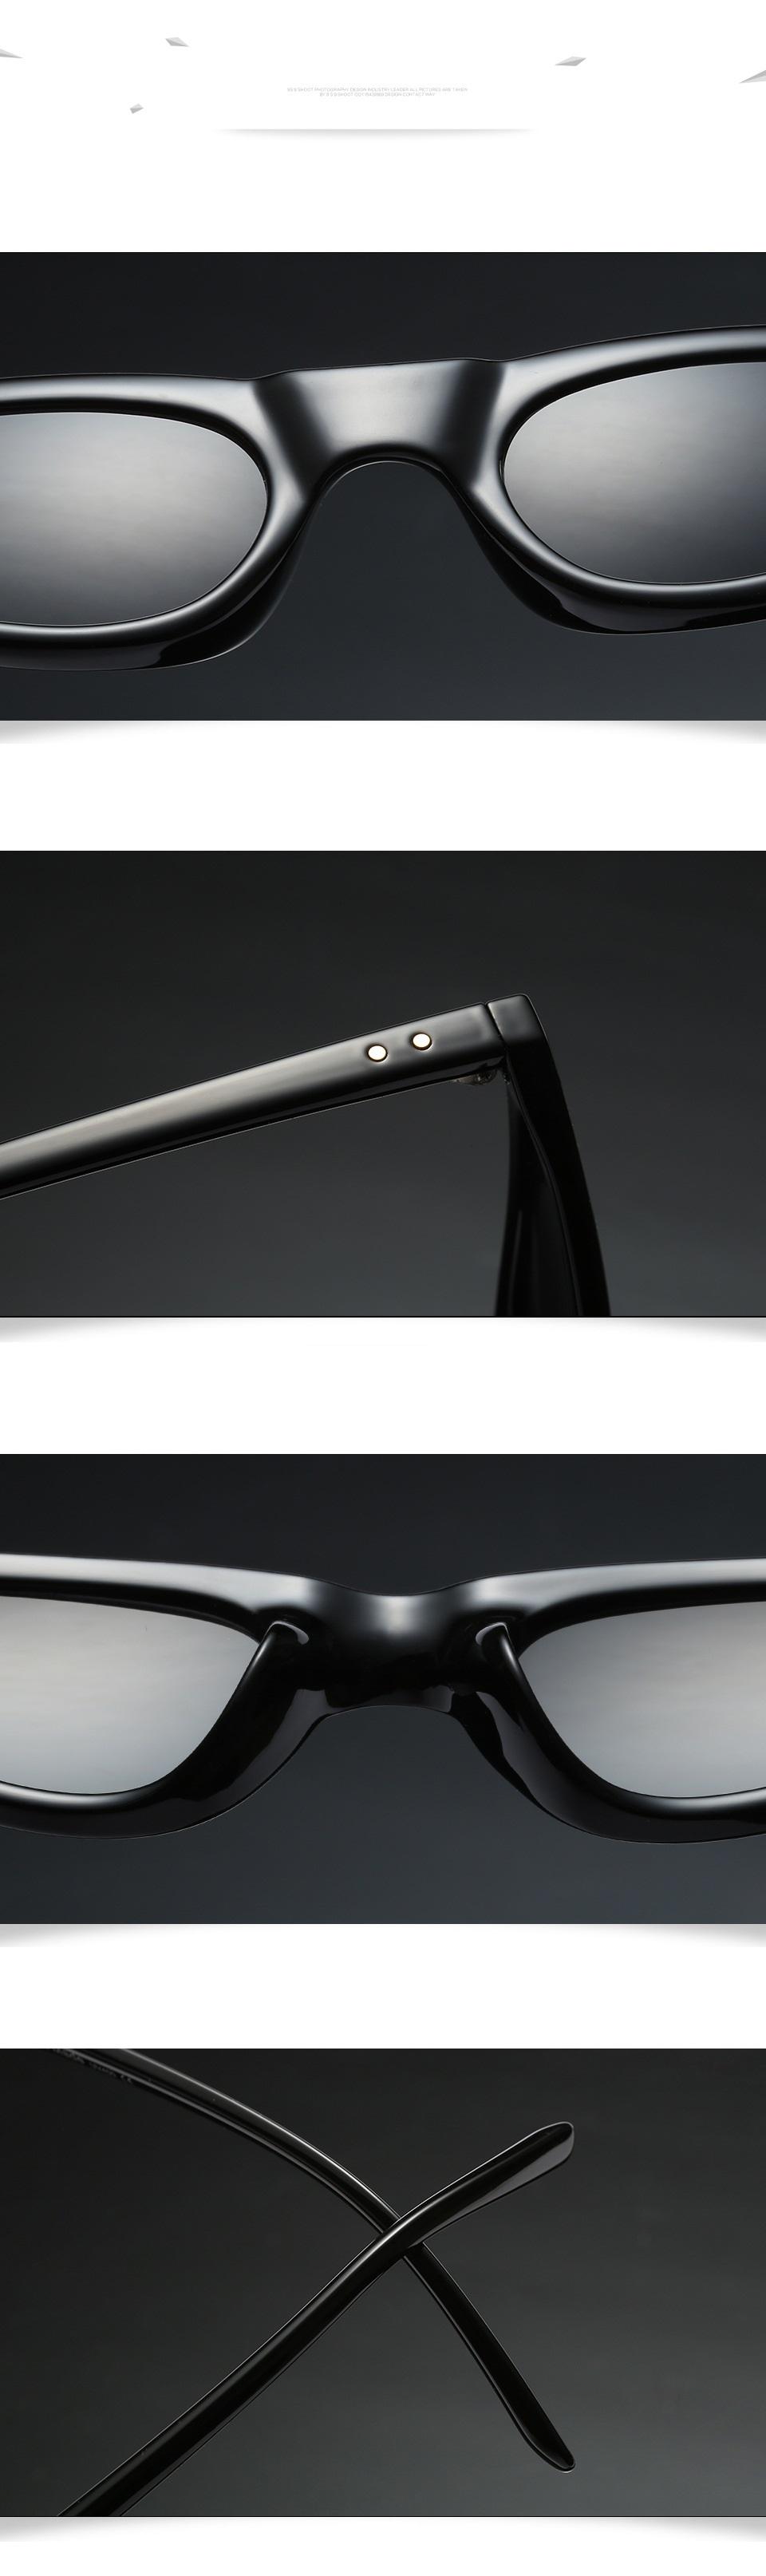 HTB1ntrfdILJ8KJjy0Fnq6AFDpXaS - Unisex Flat Top Eyeglasses Small Triangle Frame Cat Eye Sunglasses Women UV400 2018 Fashion Color Ocean Film Sun Glasses Cool